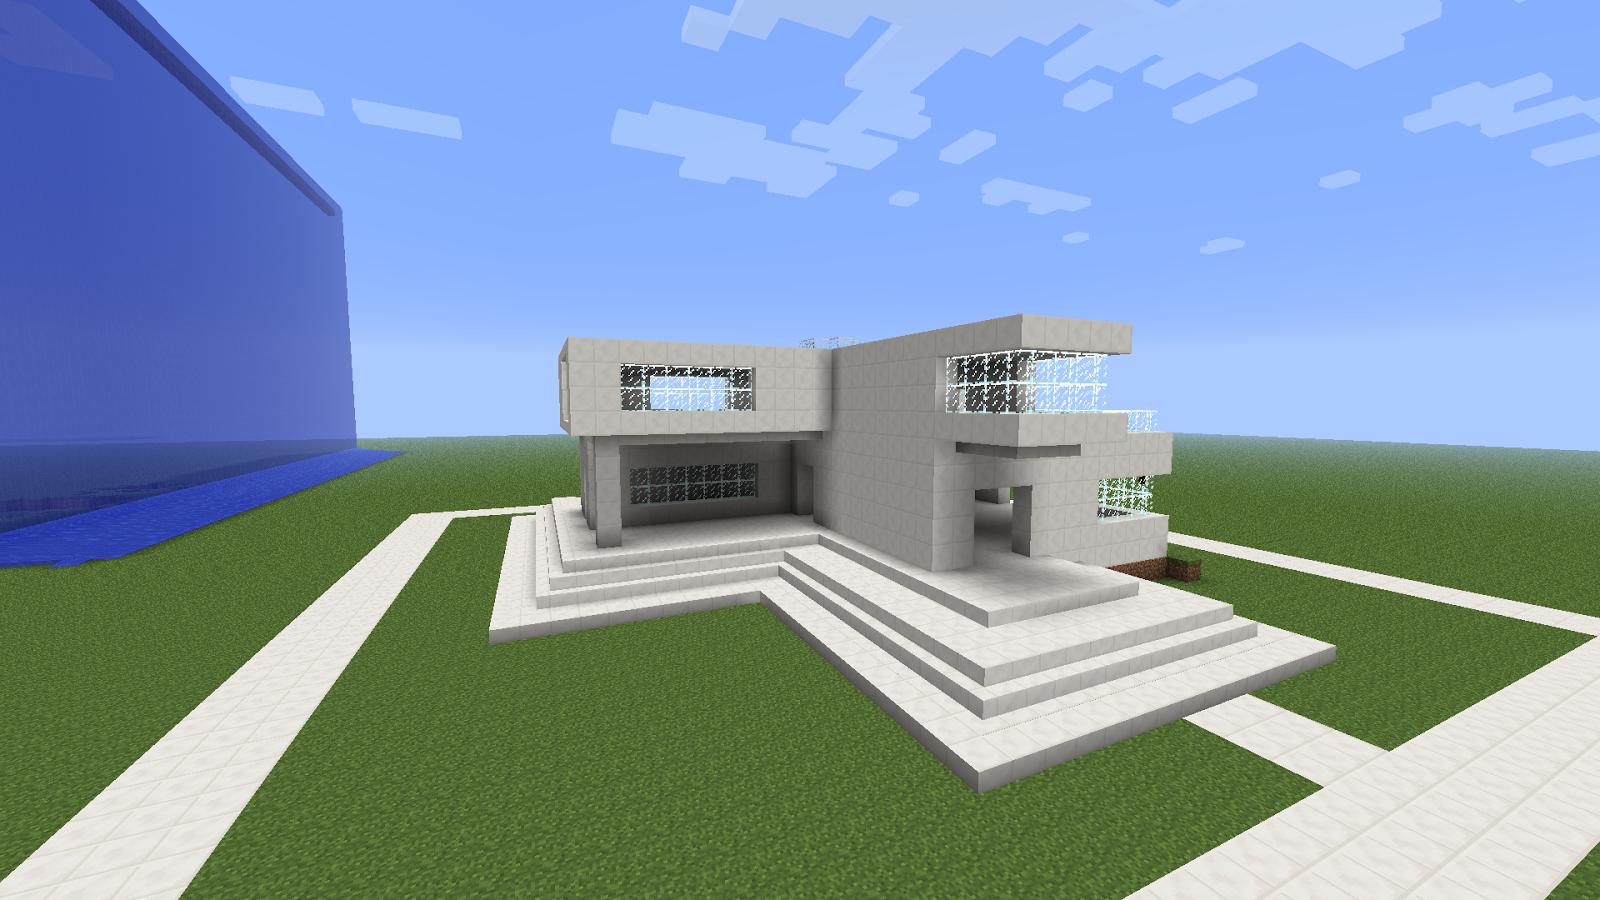 Sin lugar a dudas este proyecto trata de romper la monotonia y de trabajar de una manera compleja con la simplicidad del edificio